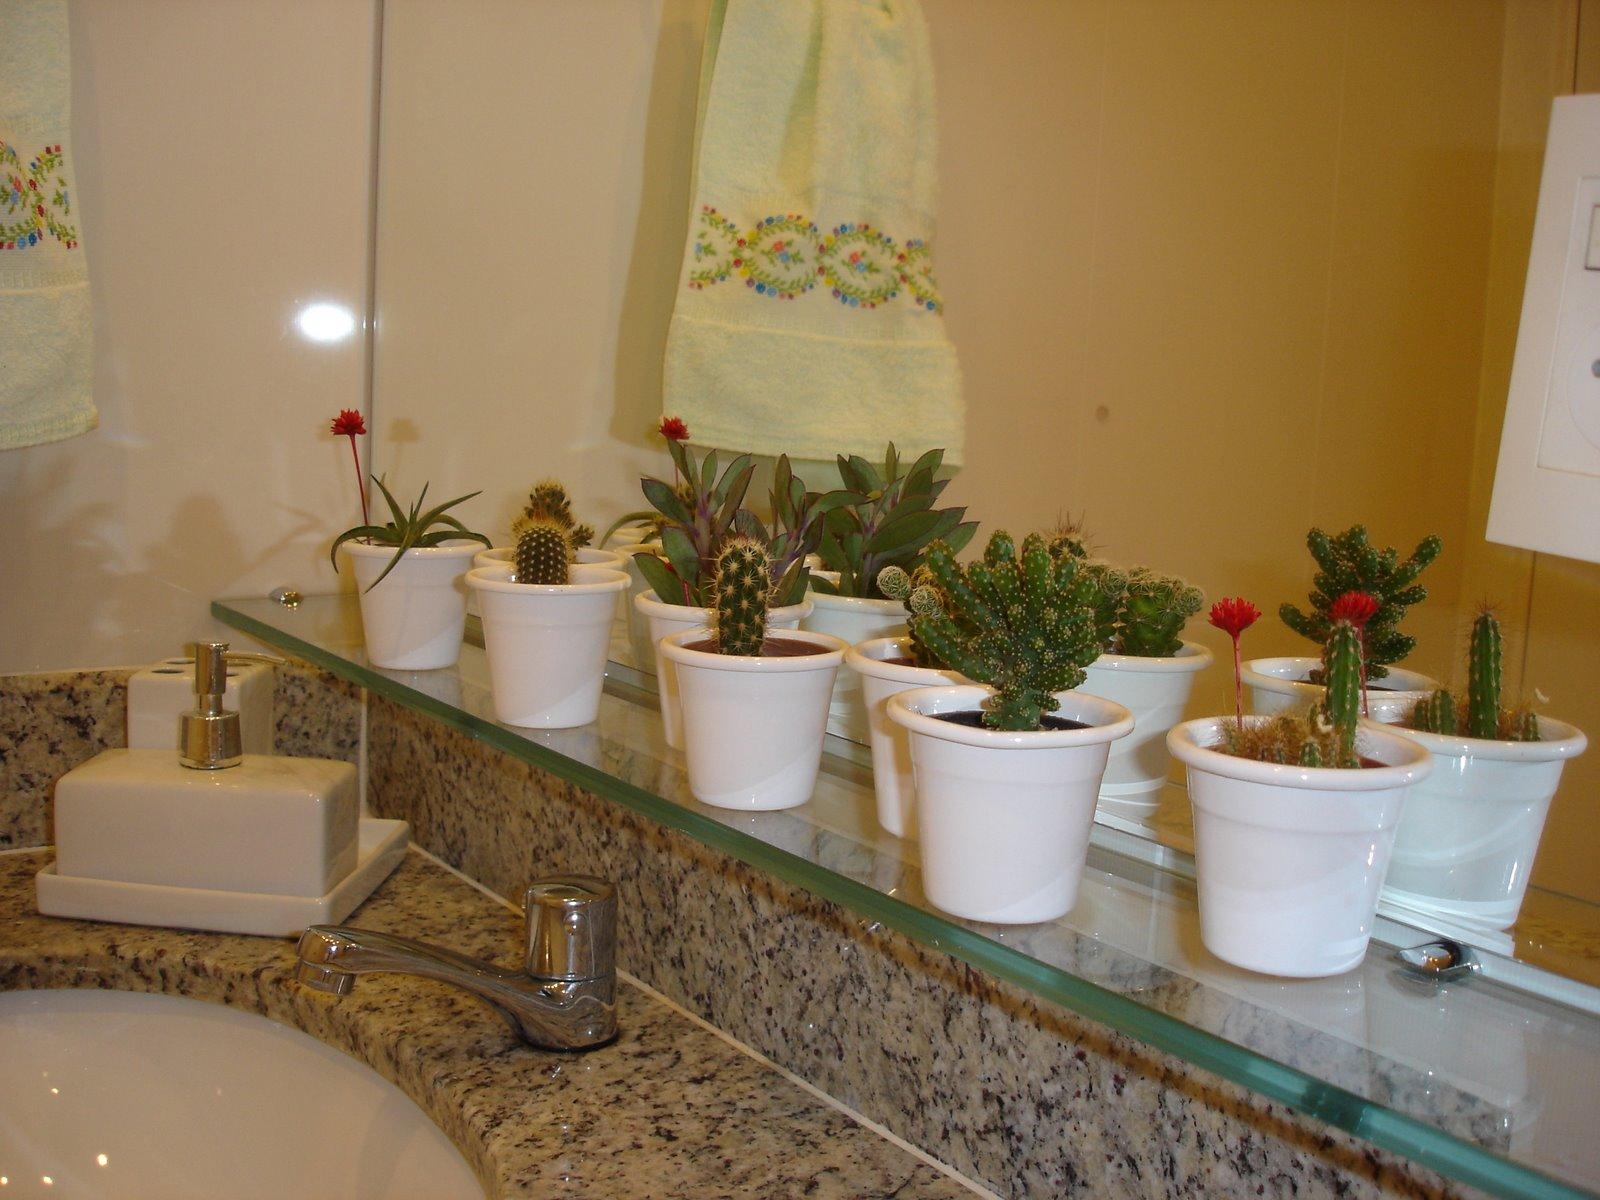 Verde Jardim: Plantinhas no banheiro #684A24 1600 1200